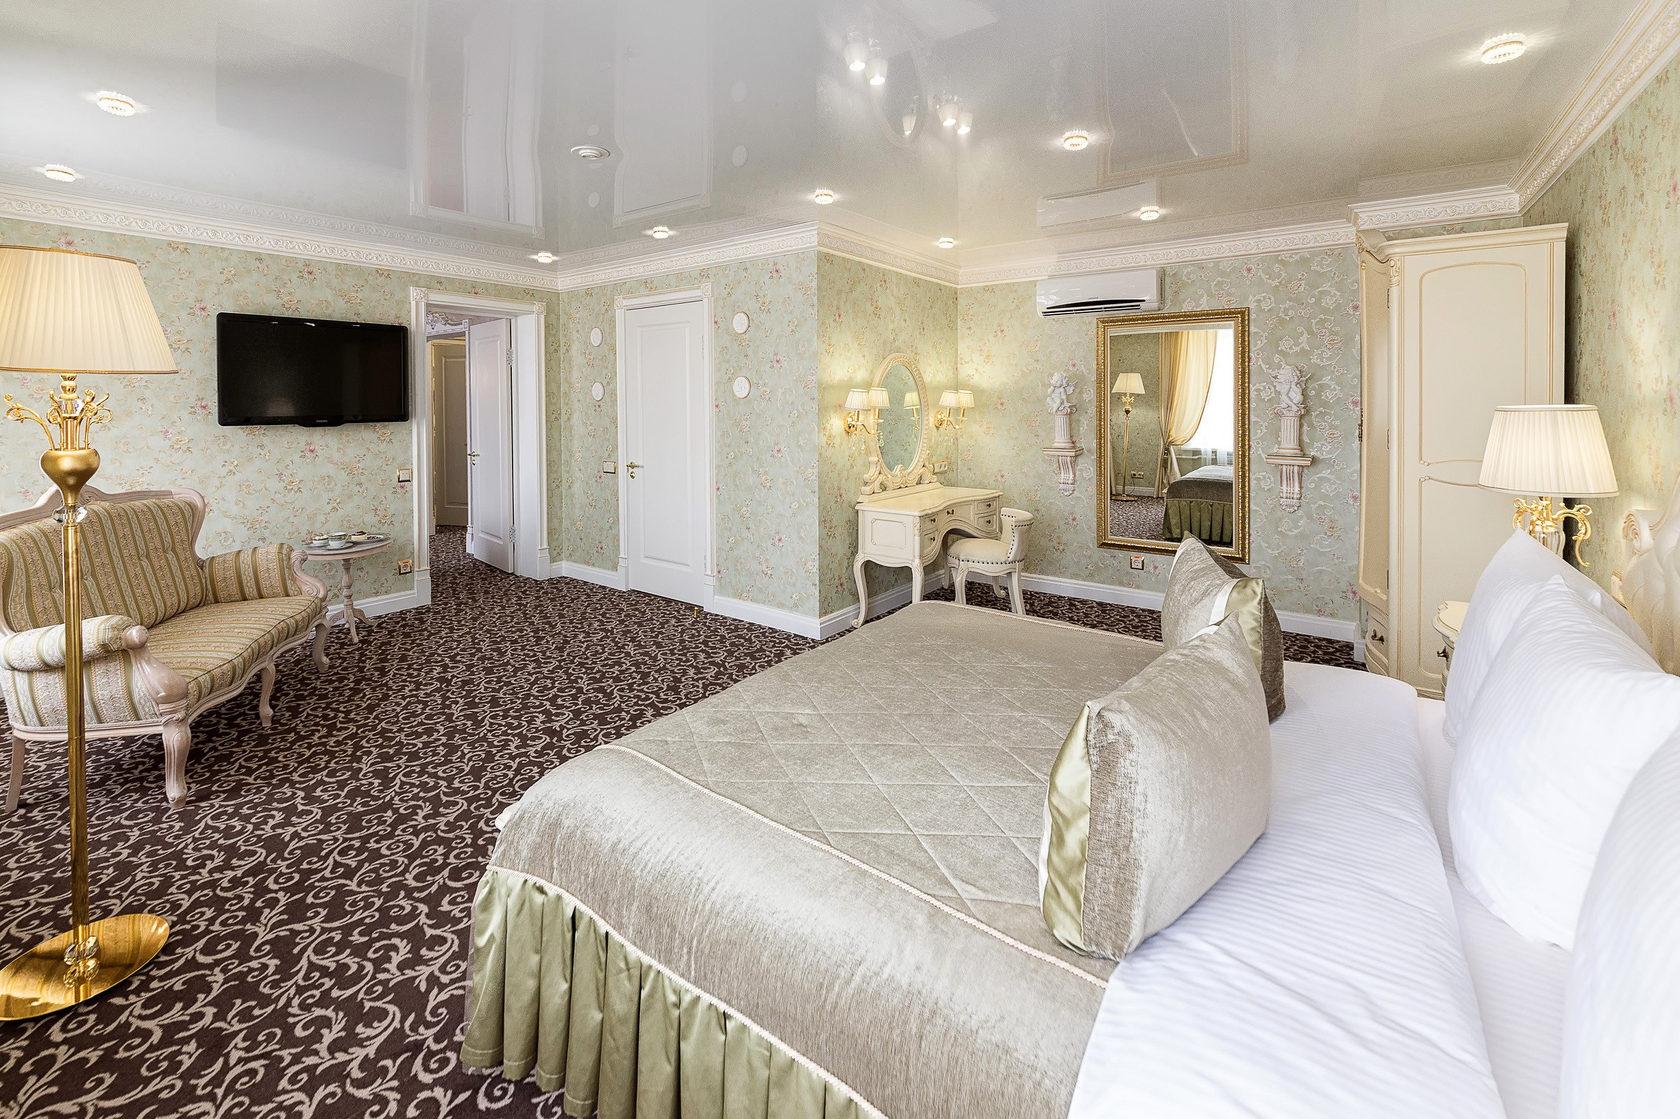 мини отель на сутки цены